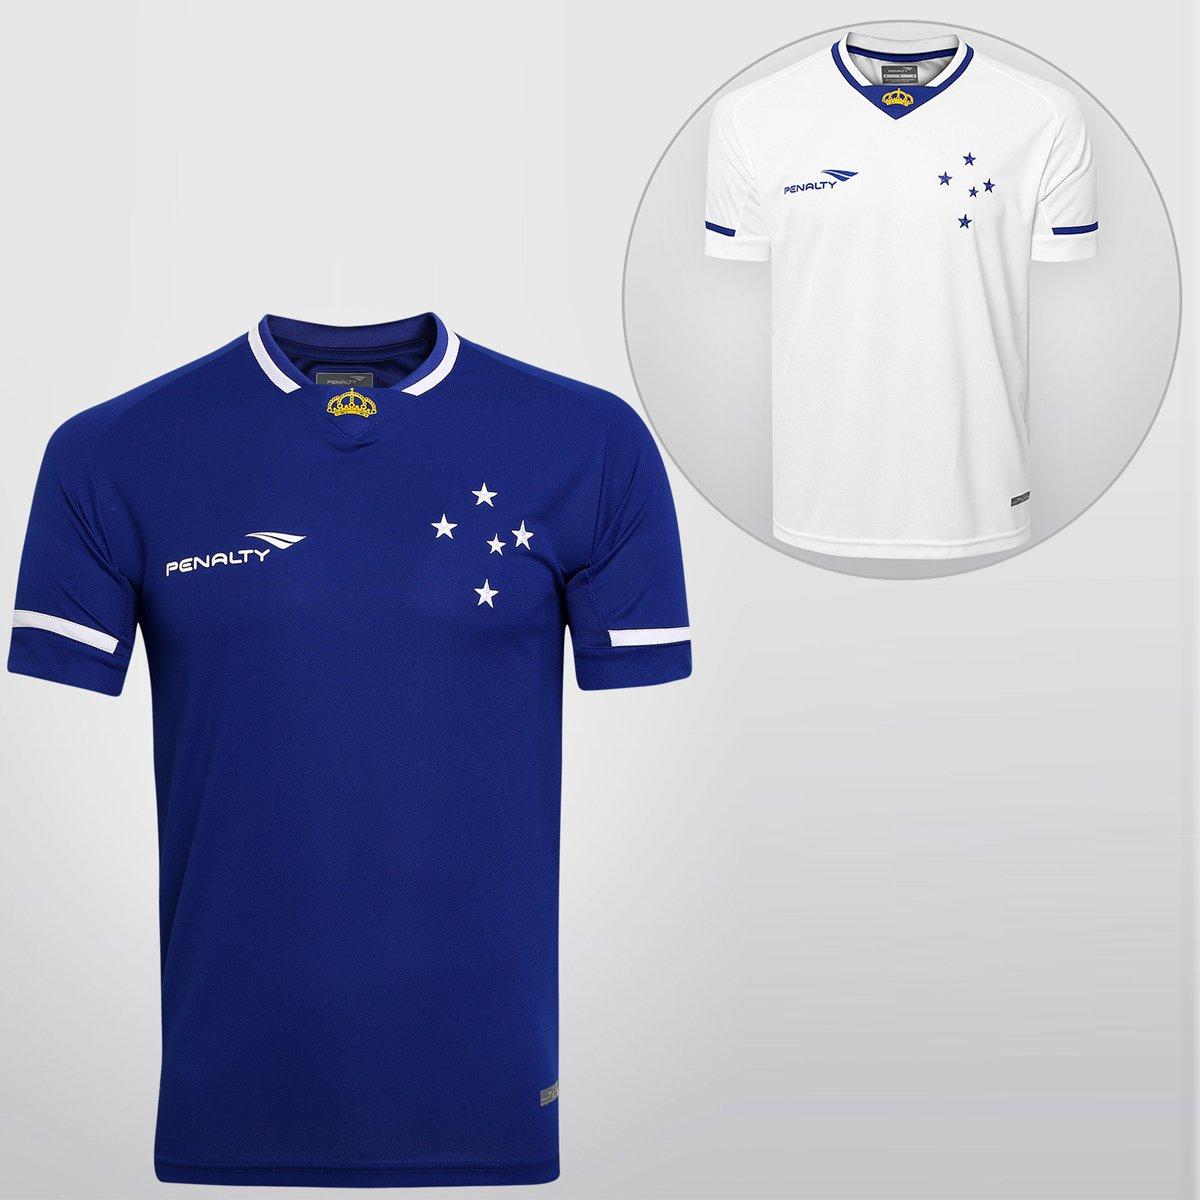 8915ccfc7a Kit Penalty Cruzeiro - Camisa I 15 16 s nº + Camisa II 15 16 s nº - Compre  Agora